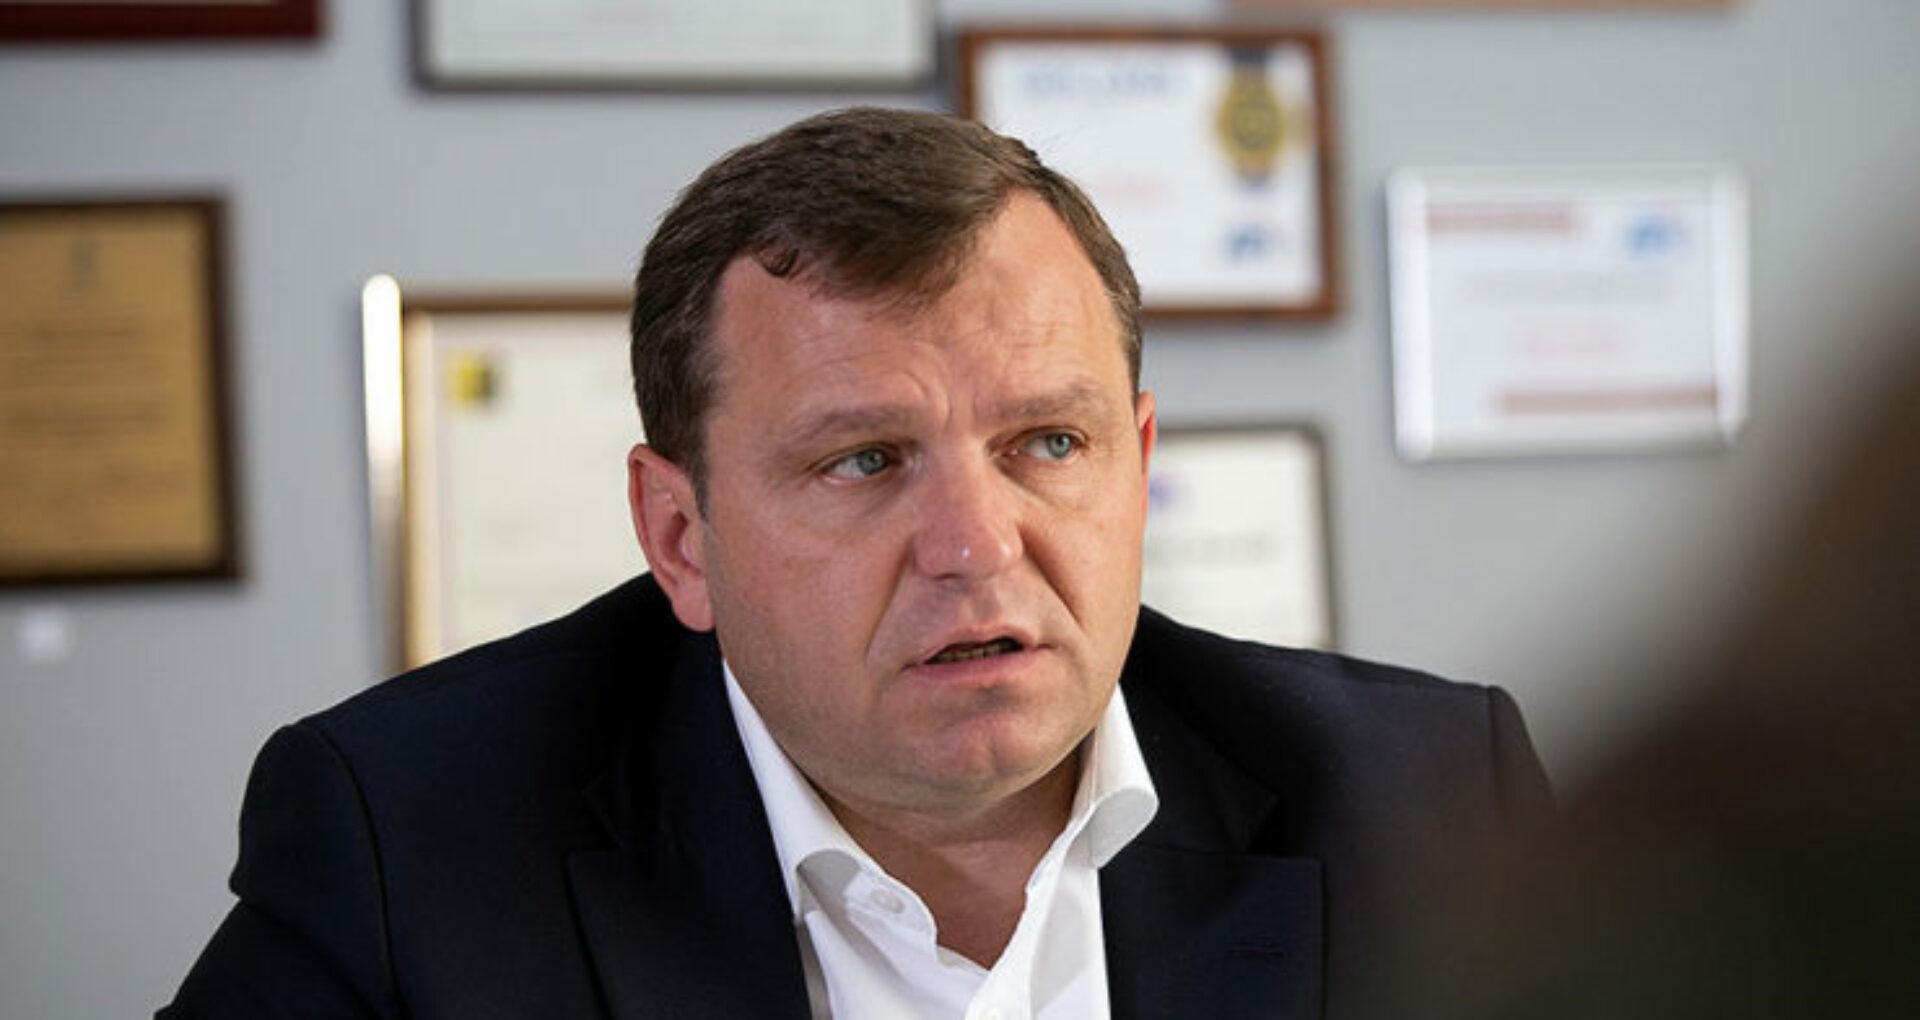 DOC/ Curtea de Apel Chișinău respinge contestația lui Năstase împotriva hotărârii CEC privind cele 42 de secții de votare pentru cetățenii din stânga Nistrului